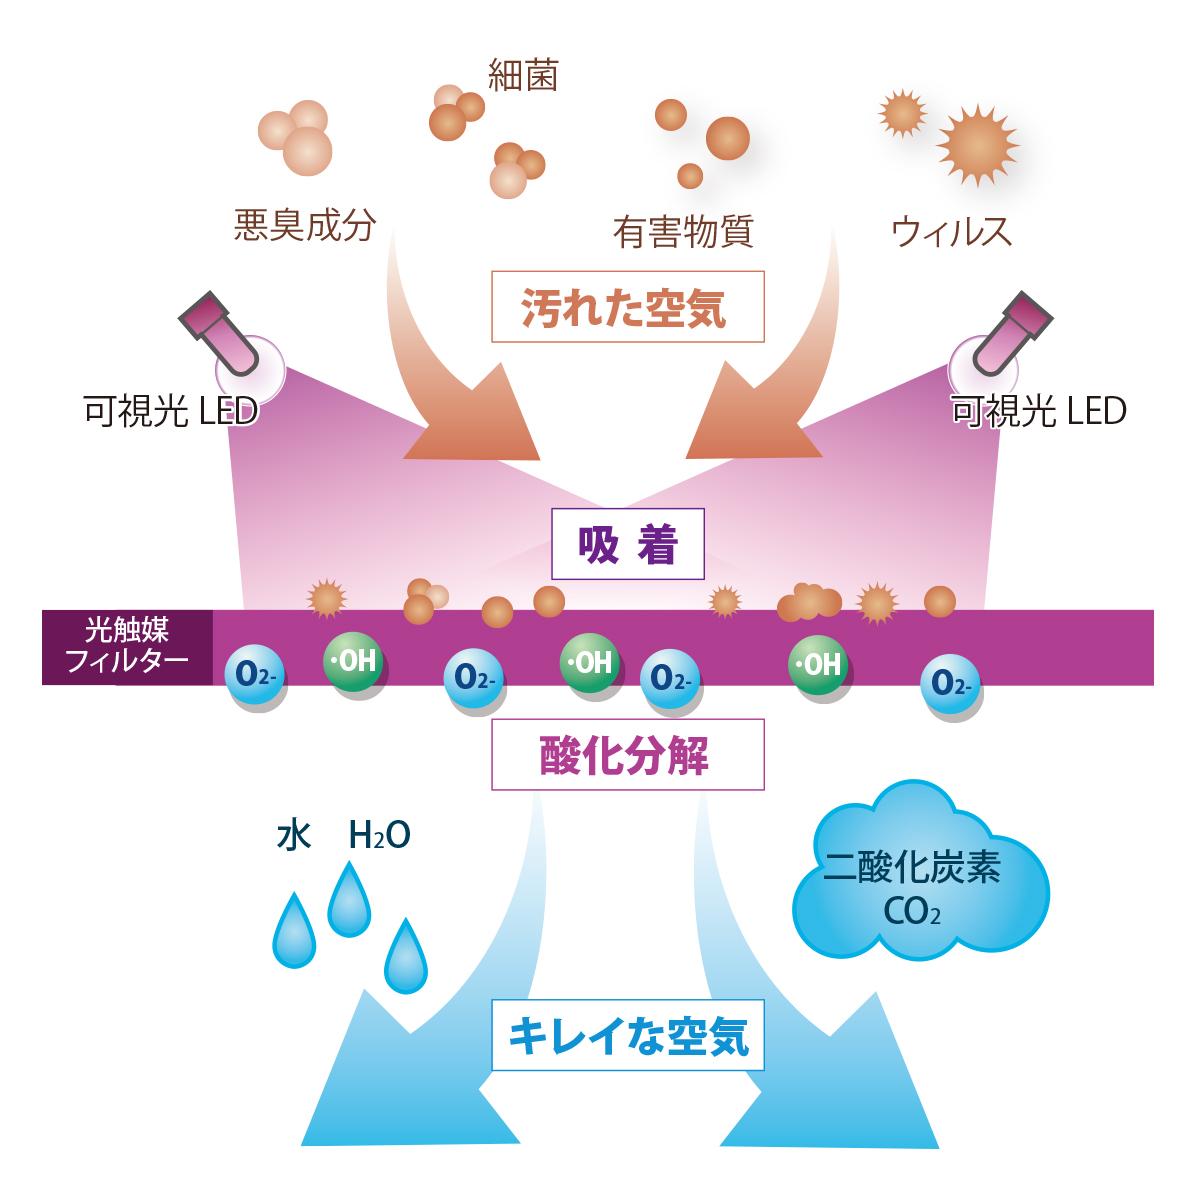 【正規代理店】光触媒除菌・脱臭LED電球 ターンドケイ